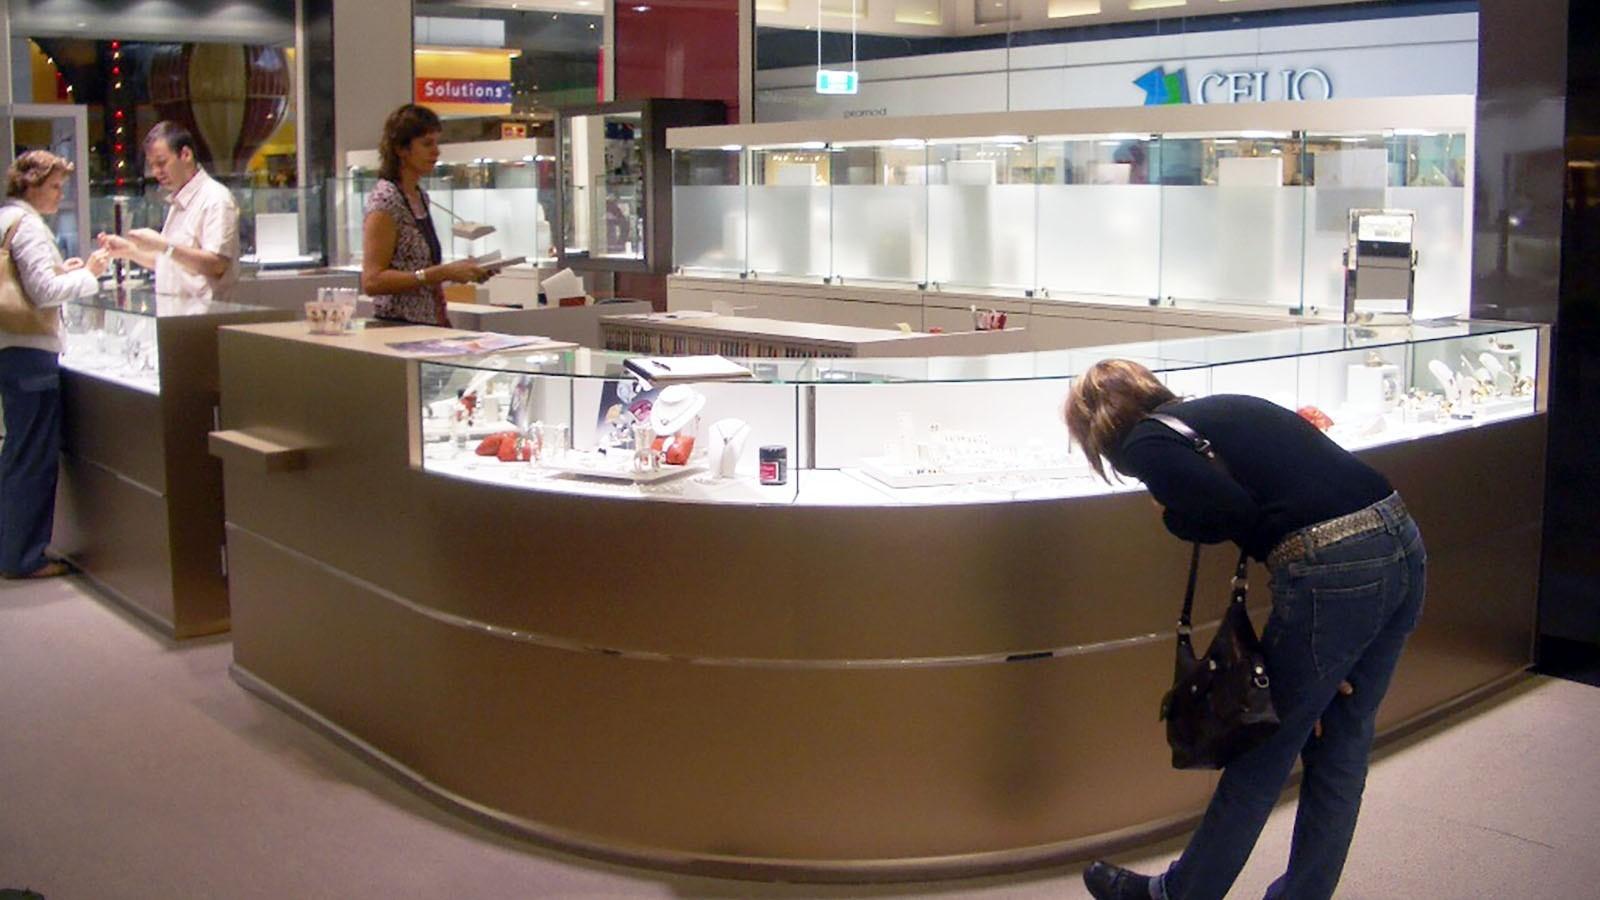 Bijouterie Langevin Perrier Rennes Efi Design (3)